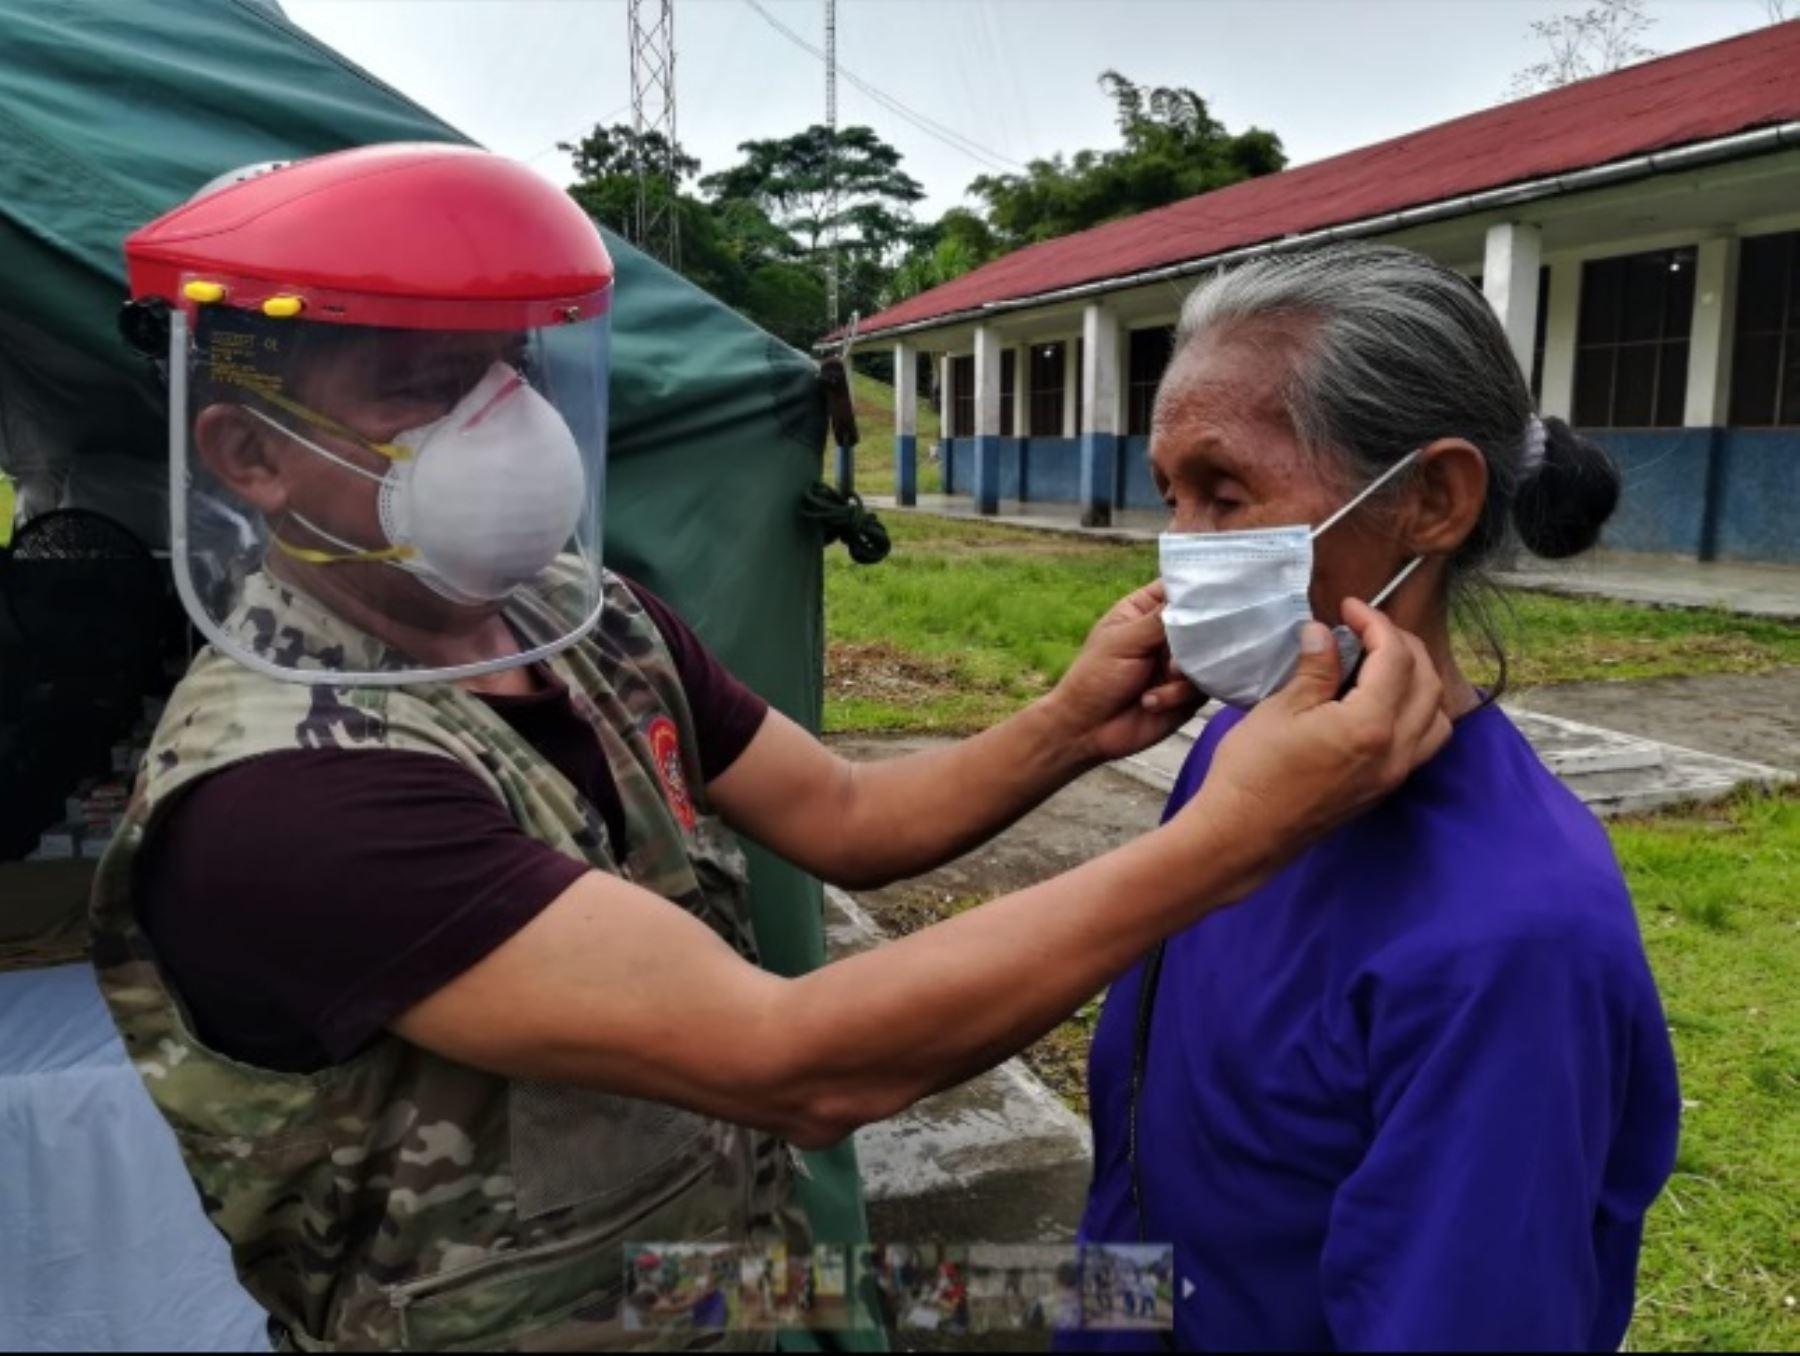 En el marco de las acciones frente a la propagación del covid-19, el Estado a través del Comando Conjunto de las Fuerzas Armadas, la Presidencia del Consejo de Ministros, los ministerios de Salud, Cultura y el Instituto Nacional de Defensa Civil brindó más de 4,400 atenciones de salud a la población de Loreto.